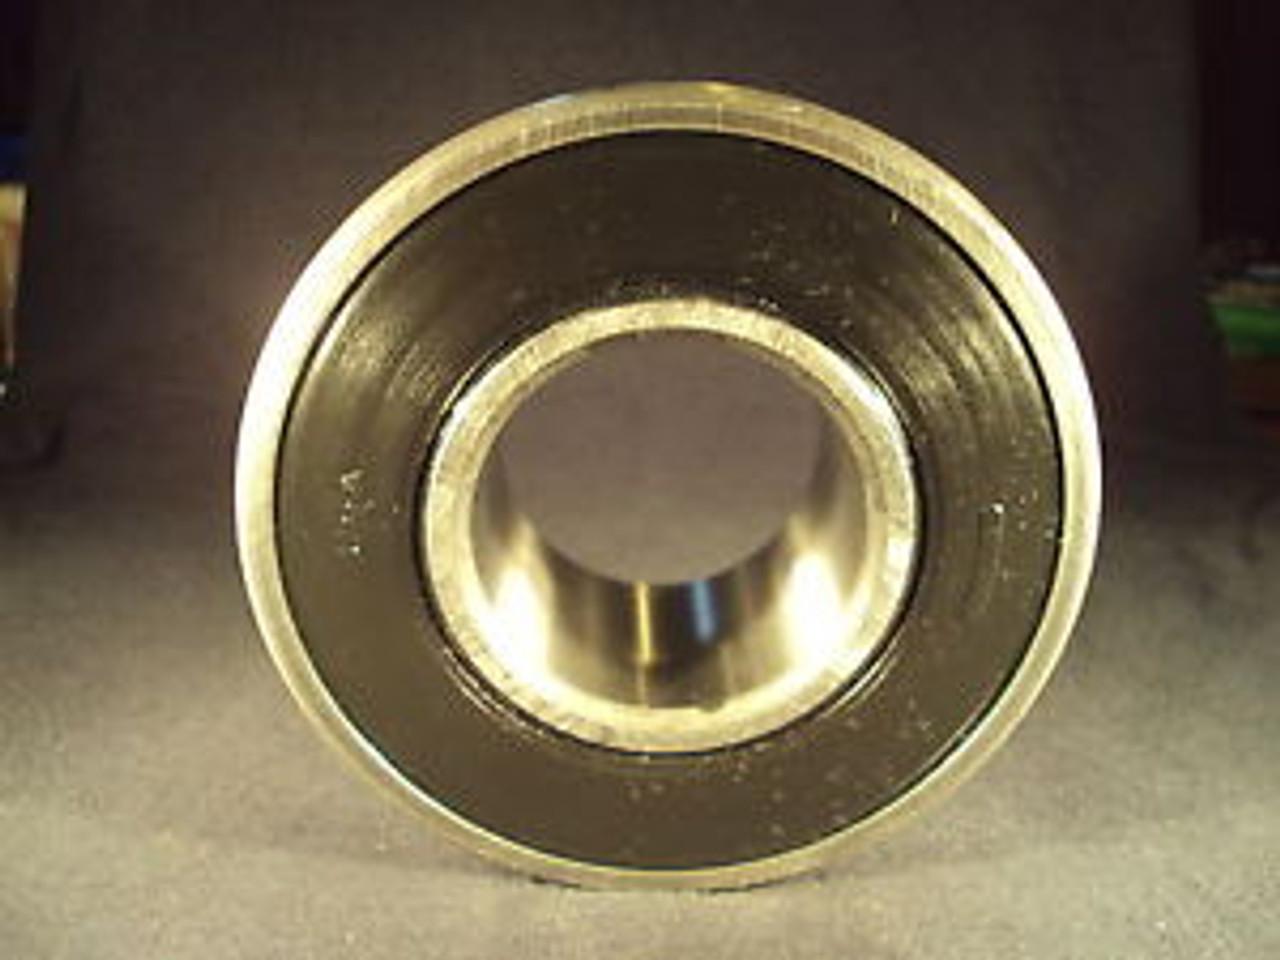 MRC 311SZZC, 311 S ZZ C, Single Row Radial Bearing